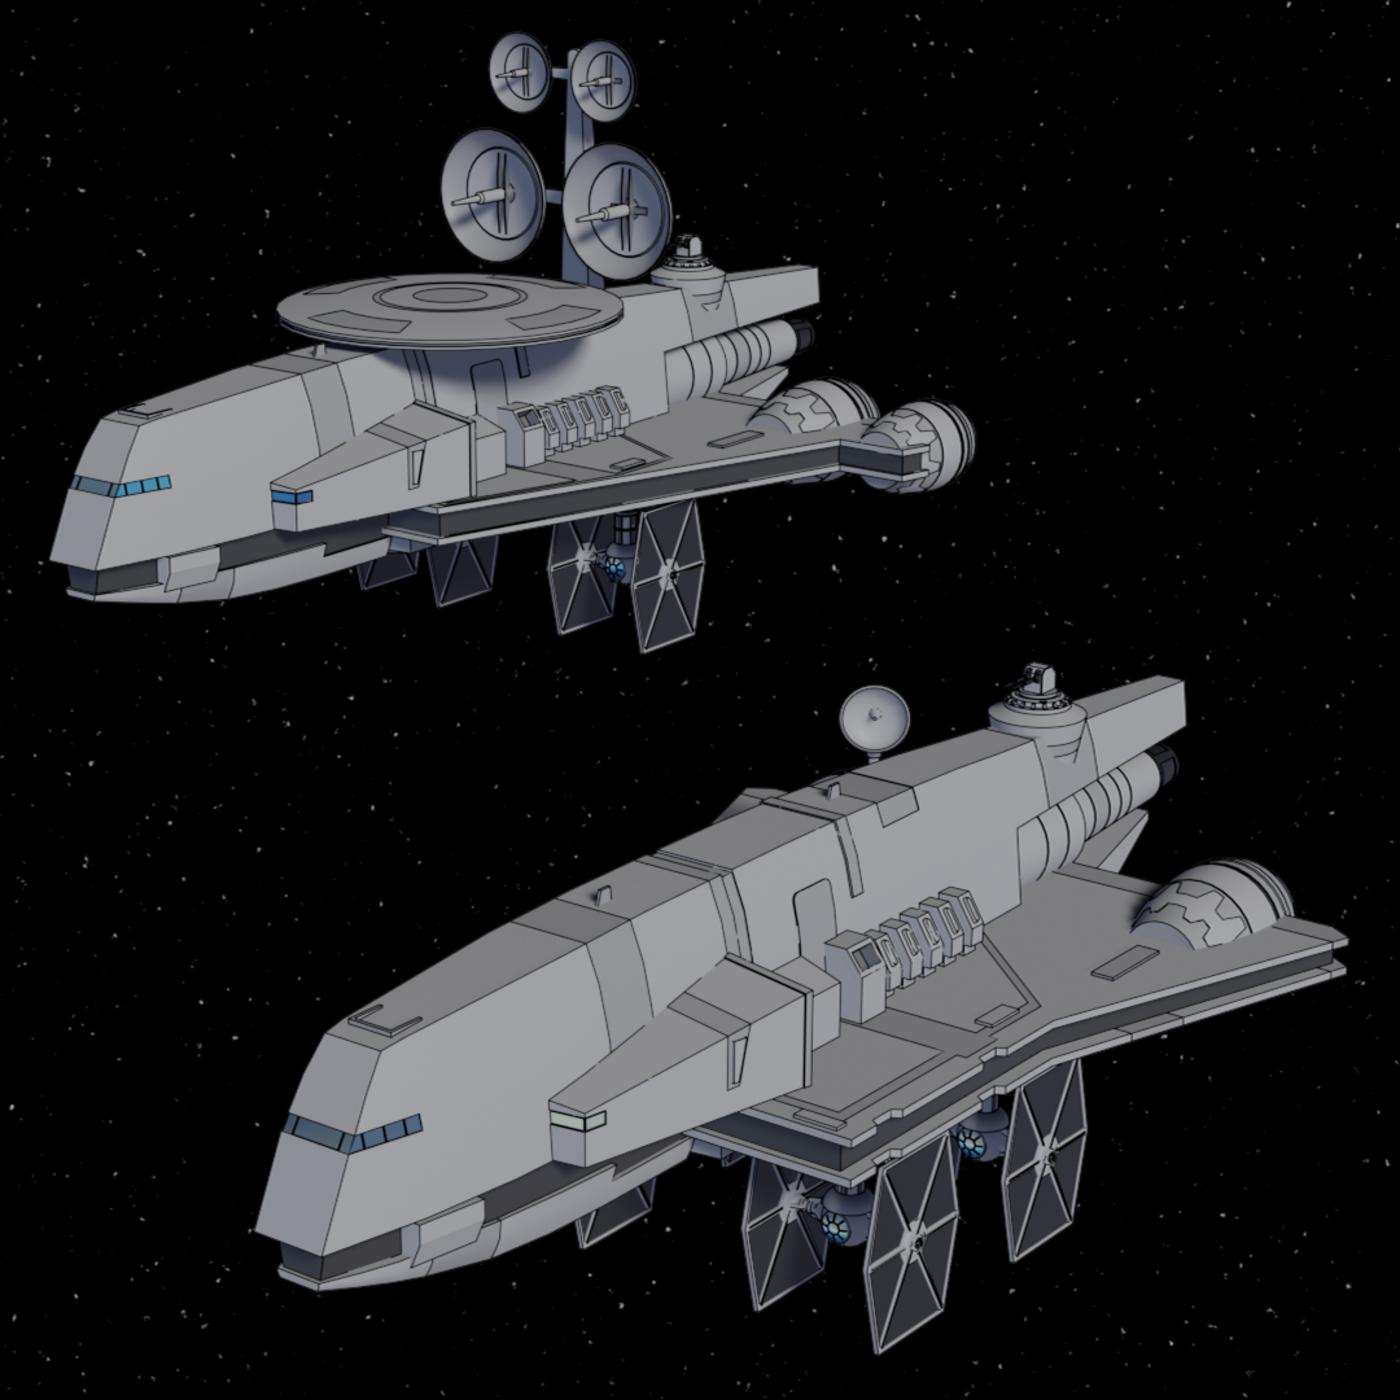 Gozanti-class Cruiser and Jammer - Star Wars - Fan Art